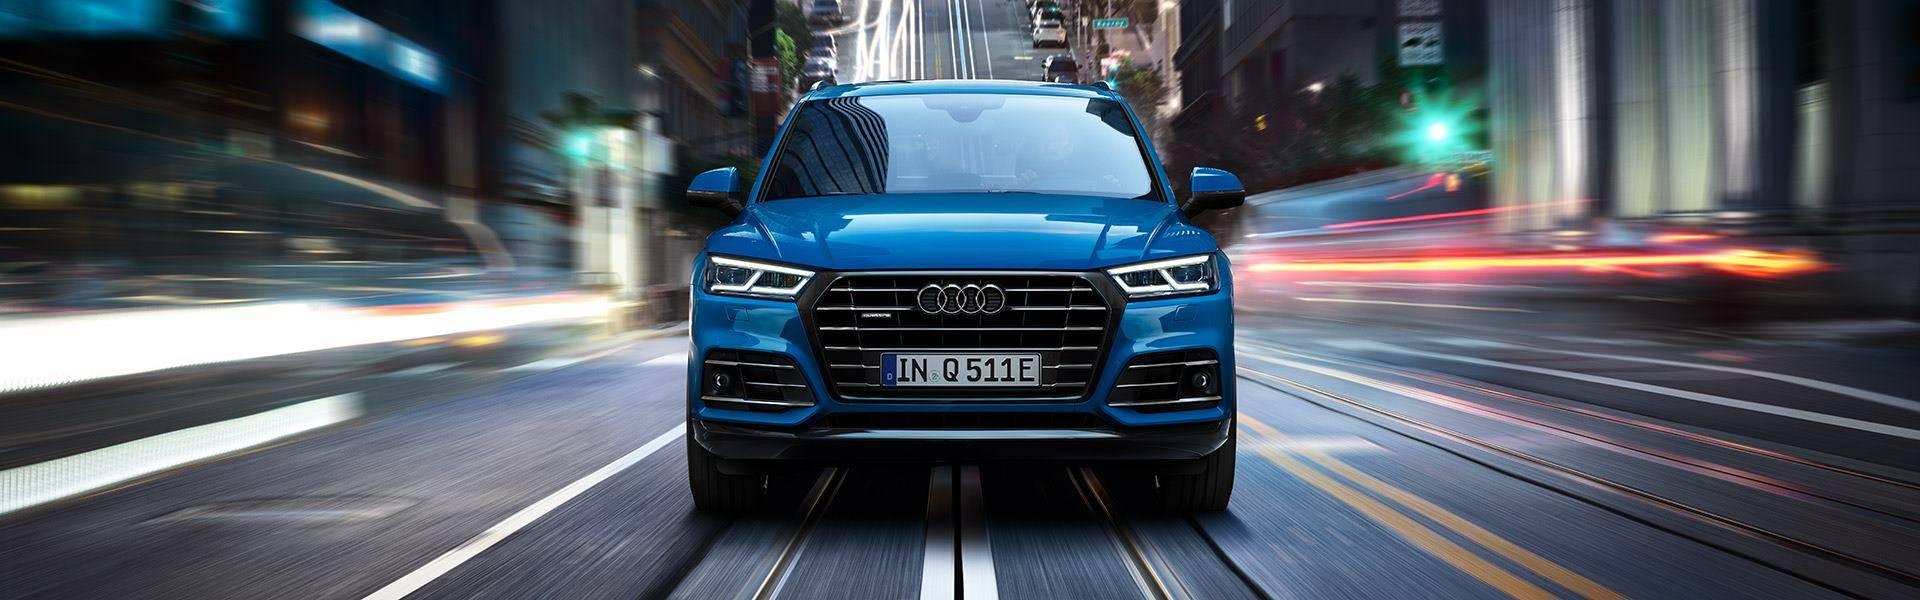 Audi Q5 TFSI e hybride rechargeable face avant